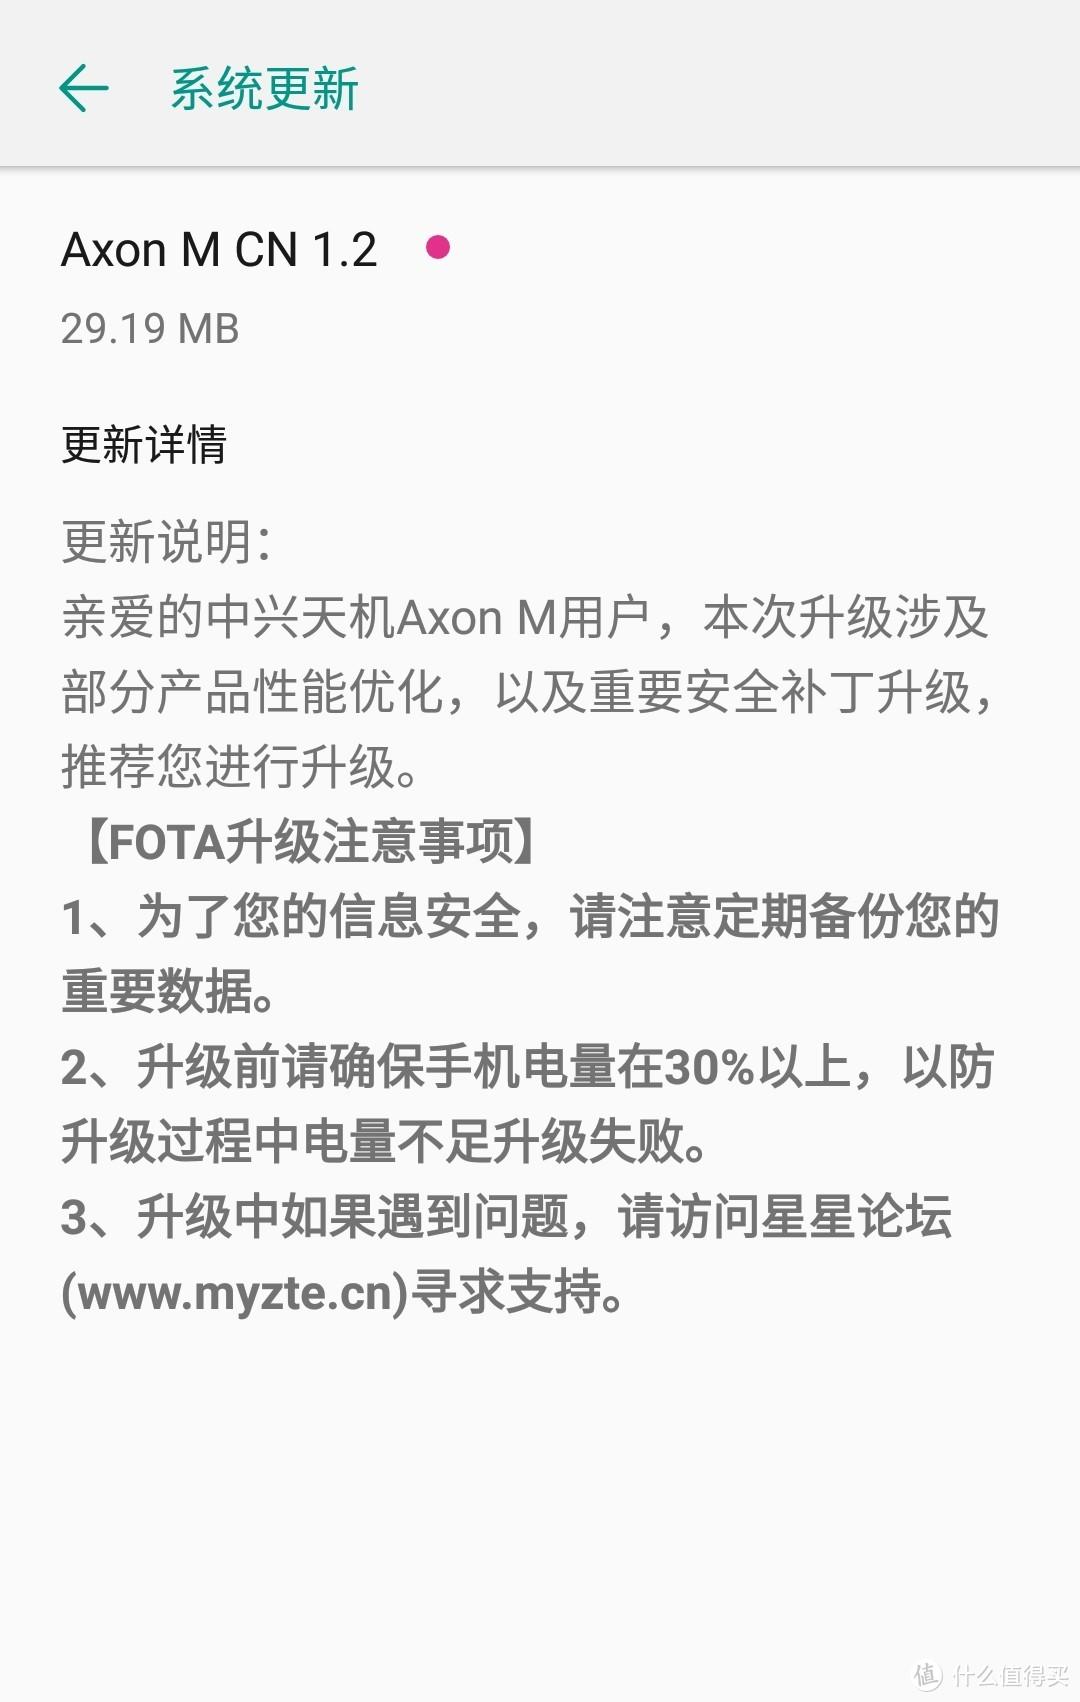 """#本站首晒#体验双屏新""""视""""界,就是不玩全面屏:ZTE 中兴 天机Axon M 智能手机 开箱简测"""